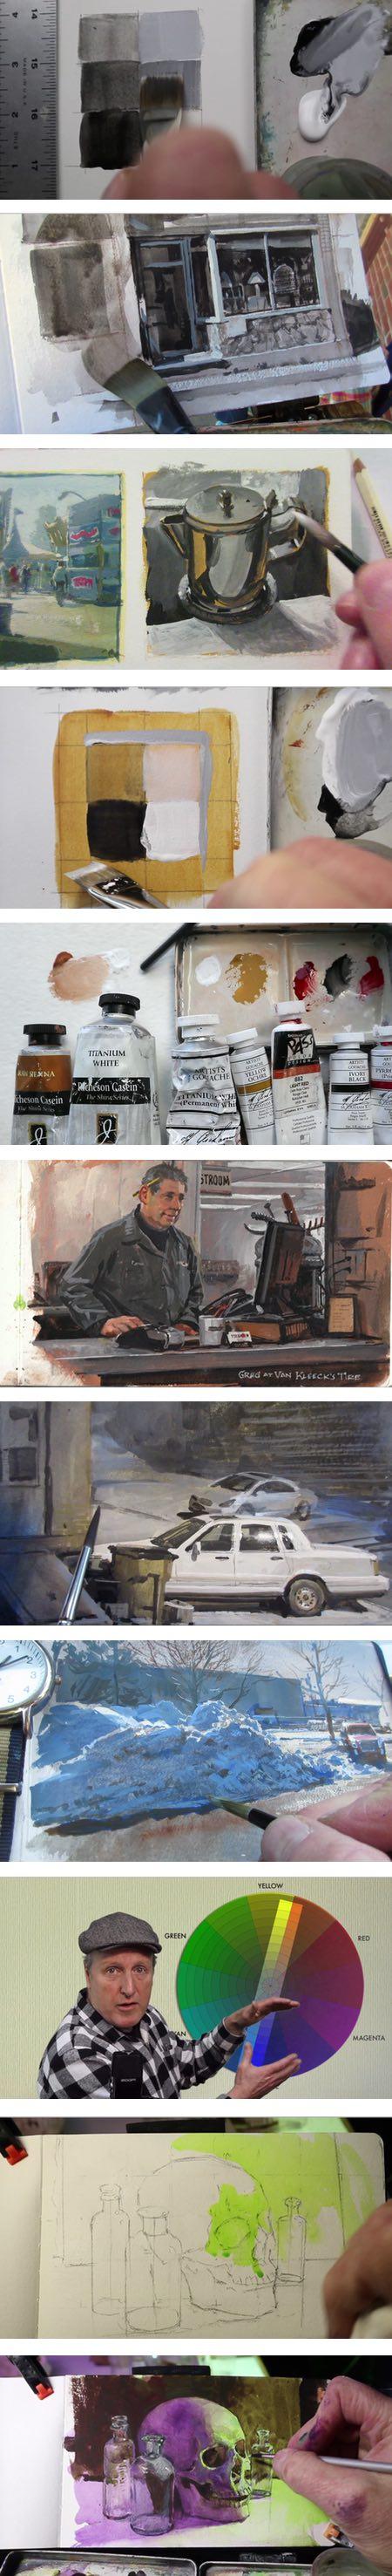 Captures d'écran de Color in Practice de James Gurney, partie 1, noir, blanc et compléments